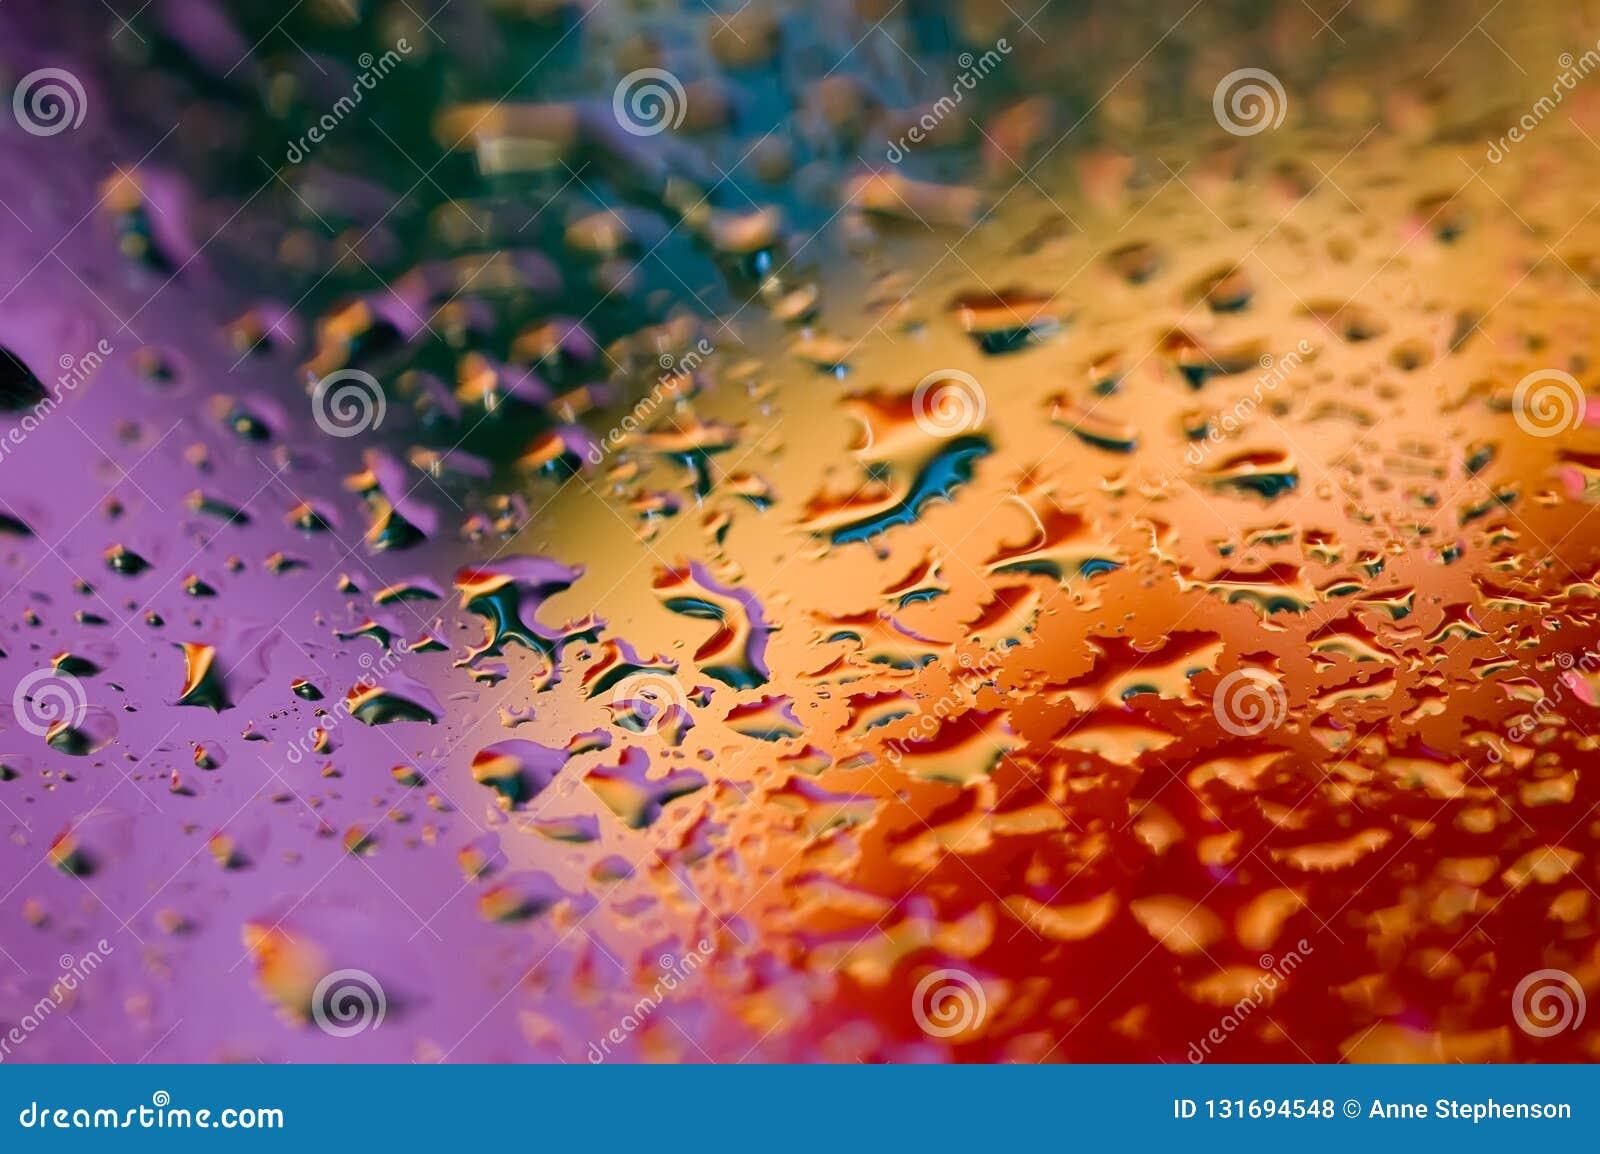 Fondo abstracto colorido de gotas púrpuras, azules, rojas y anaranjadas del agua